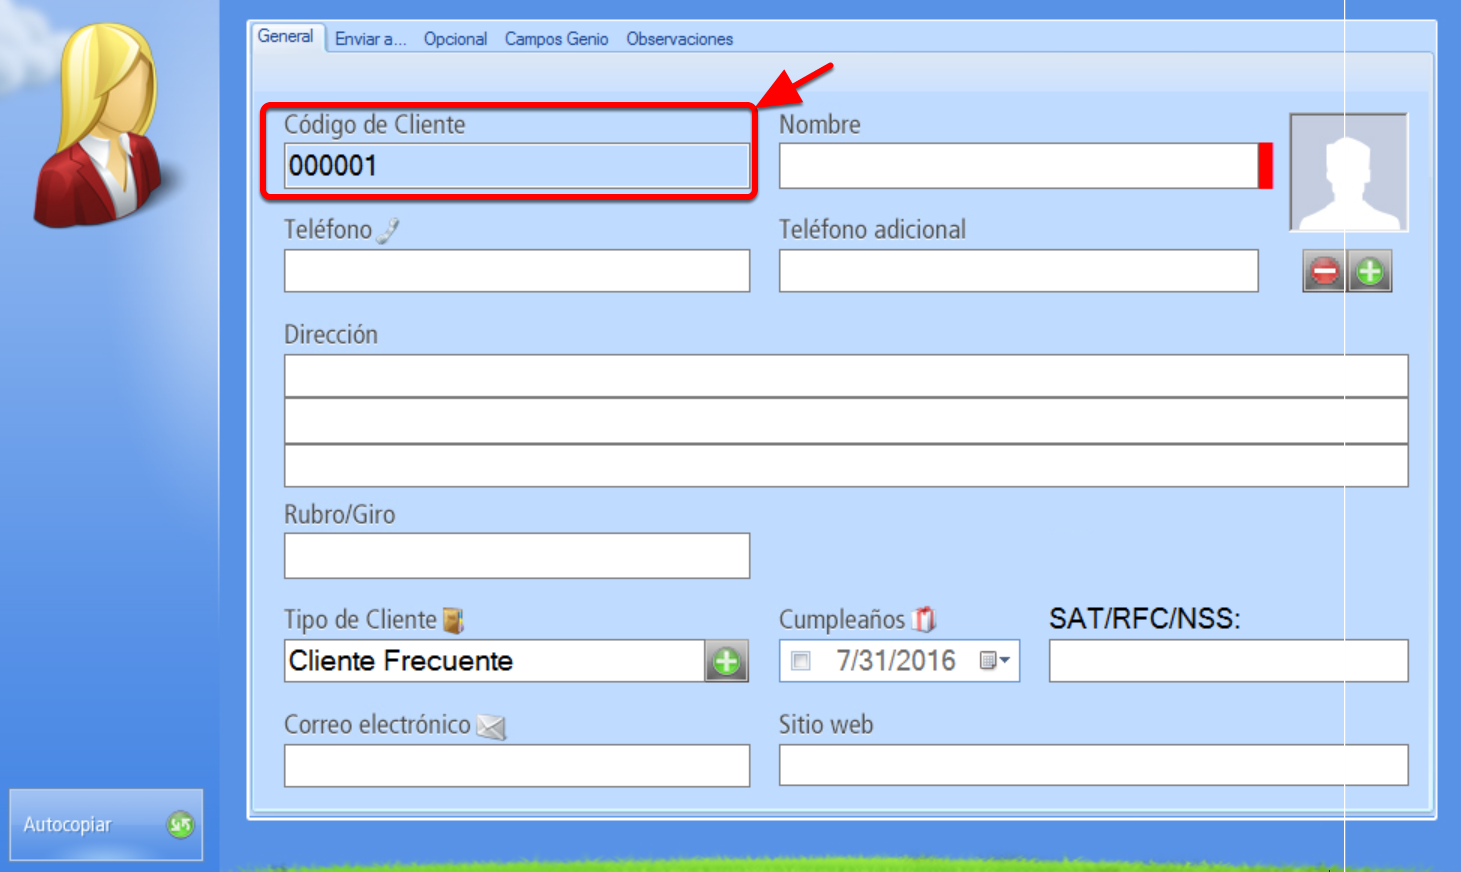 Registro de Nuevo Cliente con codificaci贸n autom谩tica - Campo c贸digo bloqueado por asignaci贸n autom谩tica de c贸digo